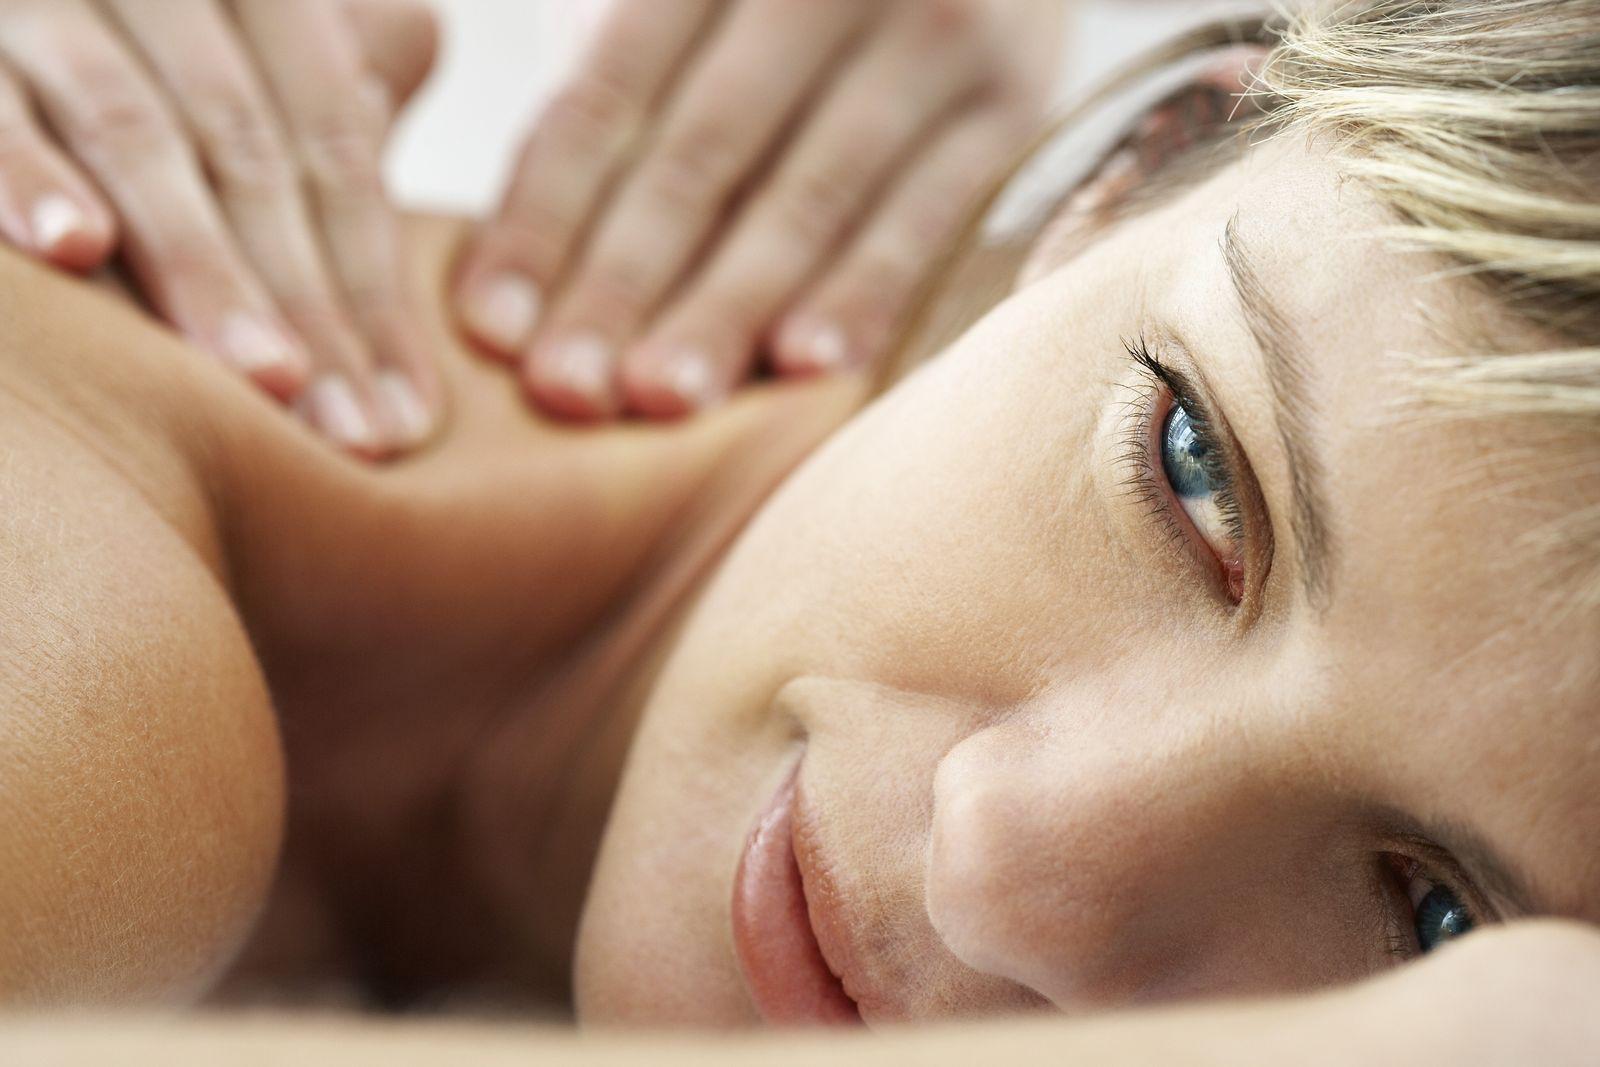 NICHT MEHR VERWENDEN! - Massage / Wellness